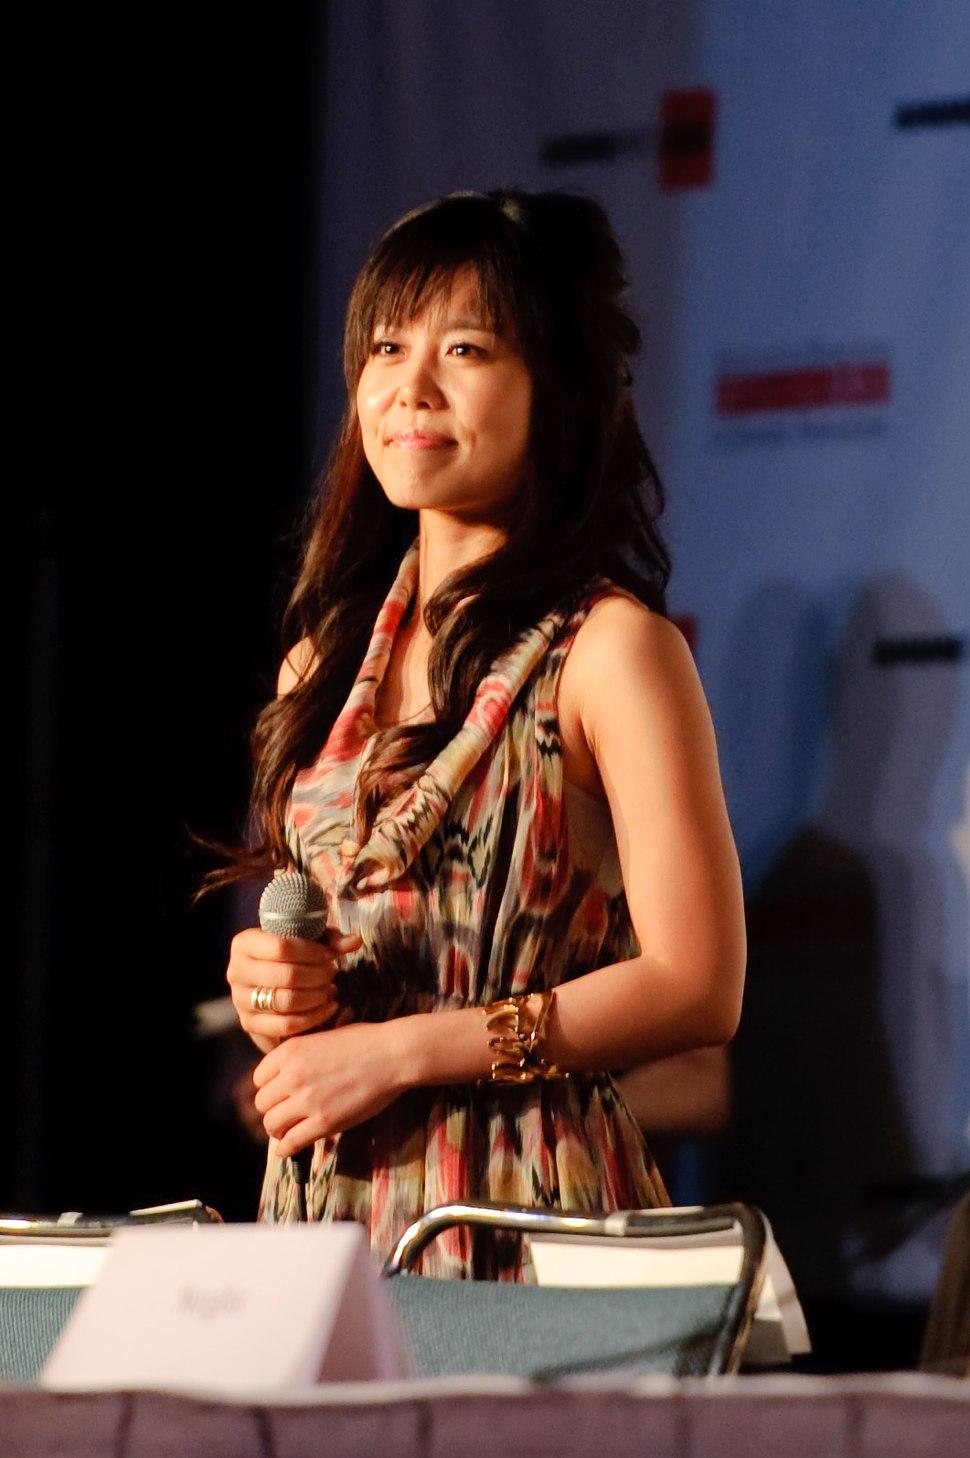 Miyukichi(Miyuki Sawashiro)